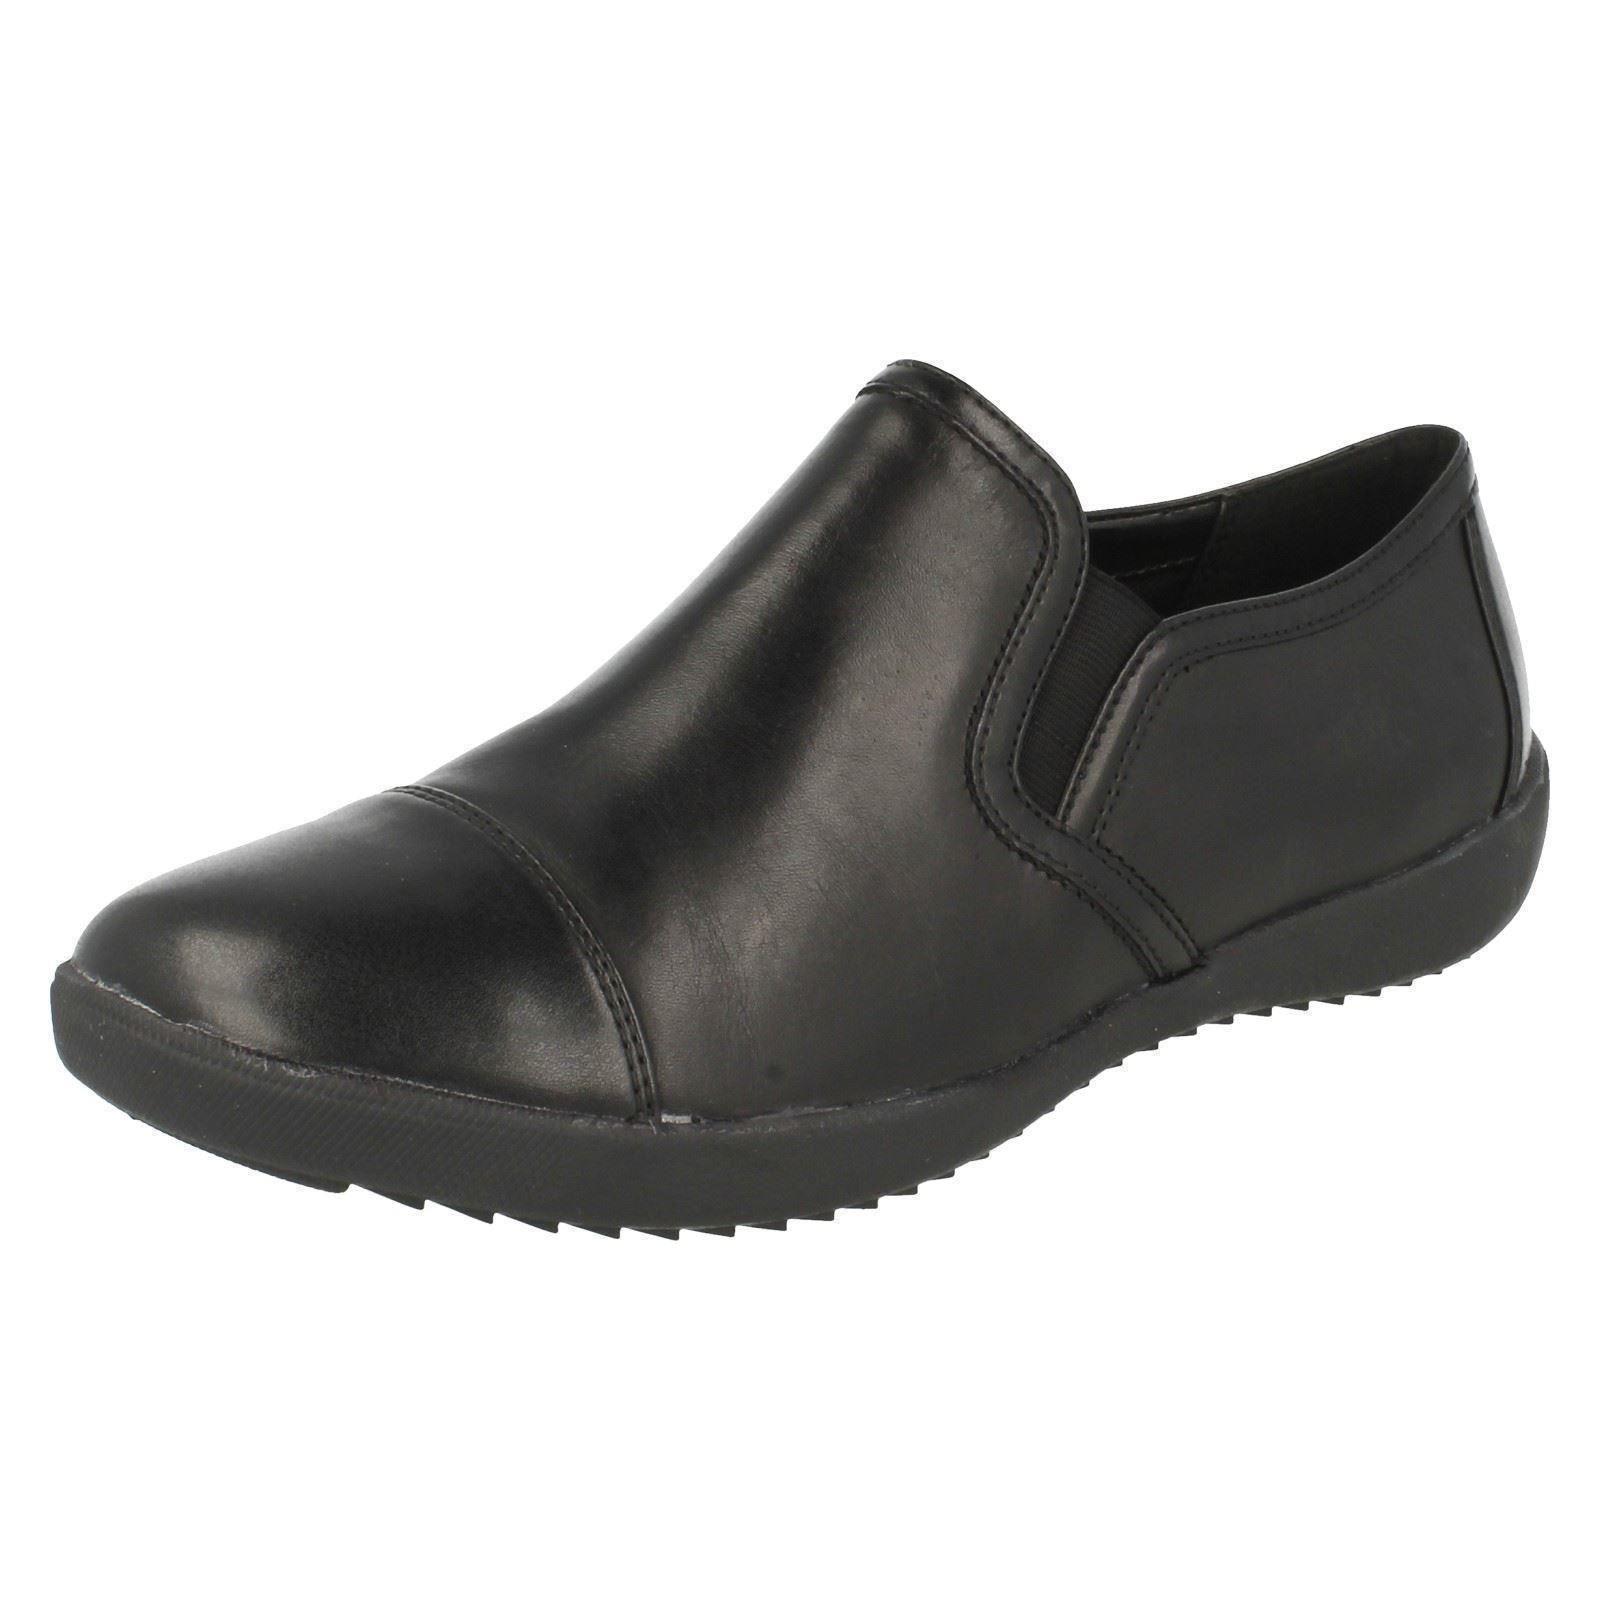 Damas Clarks Zapatos Planos - 'modernas Venus